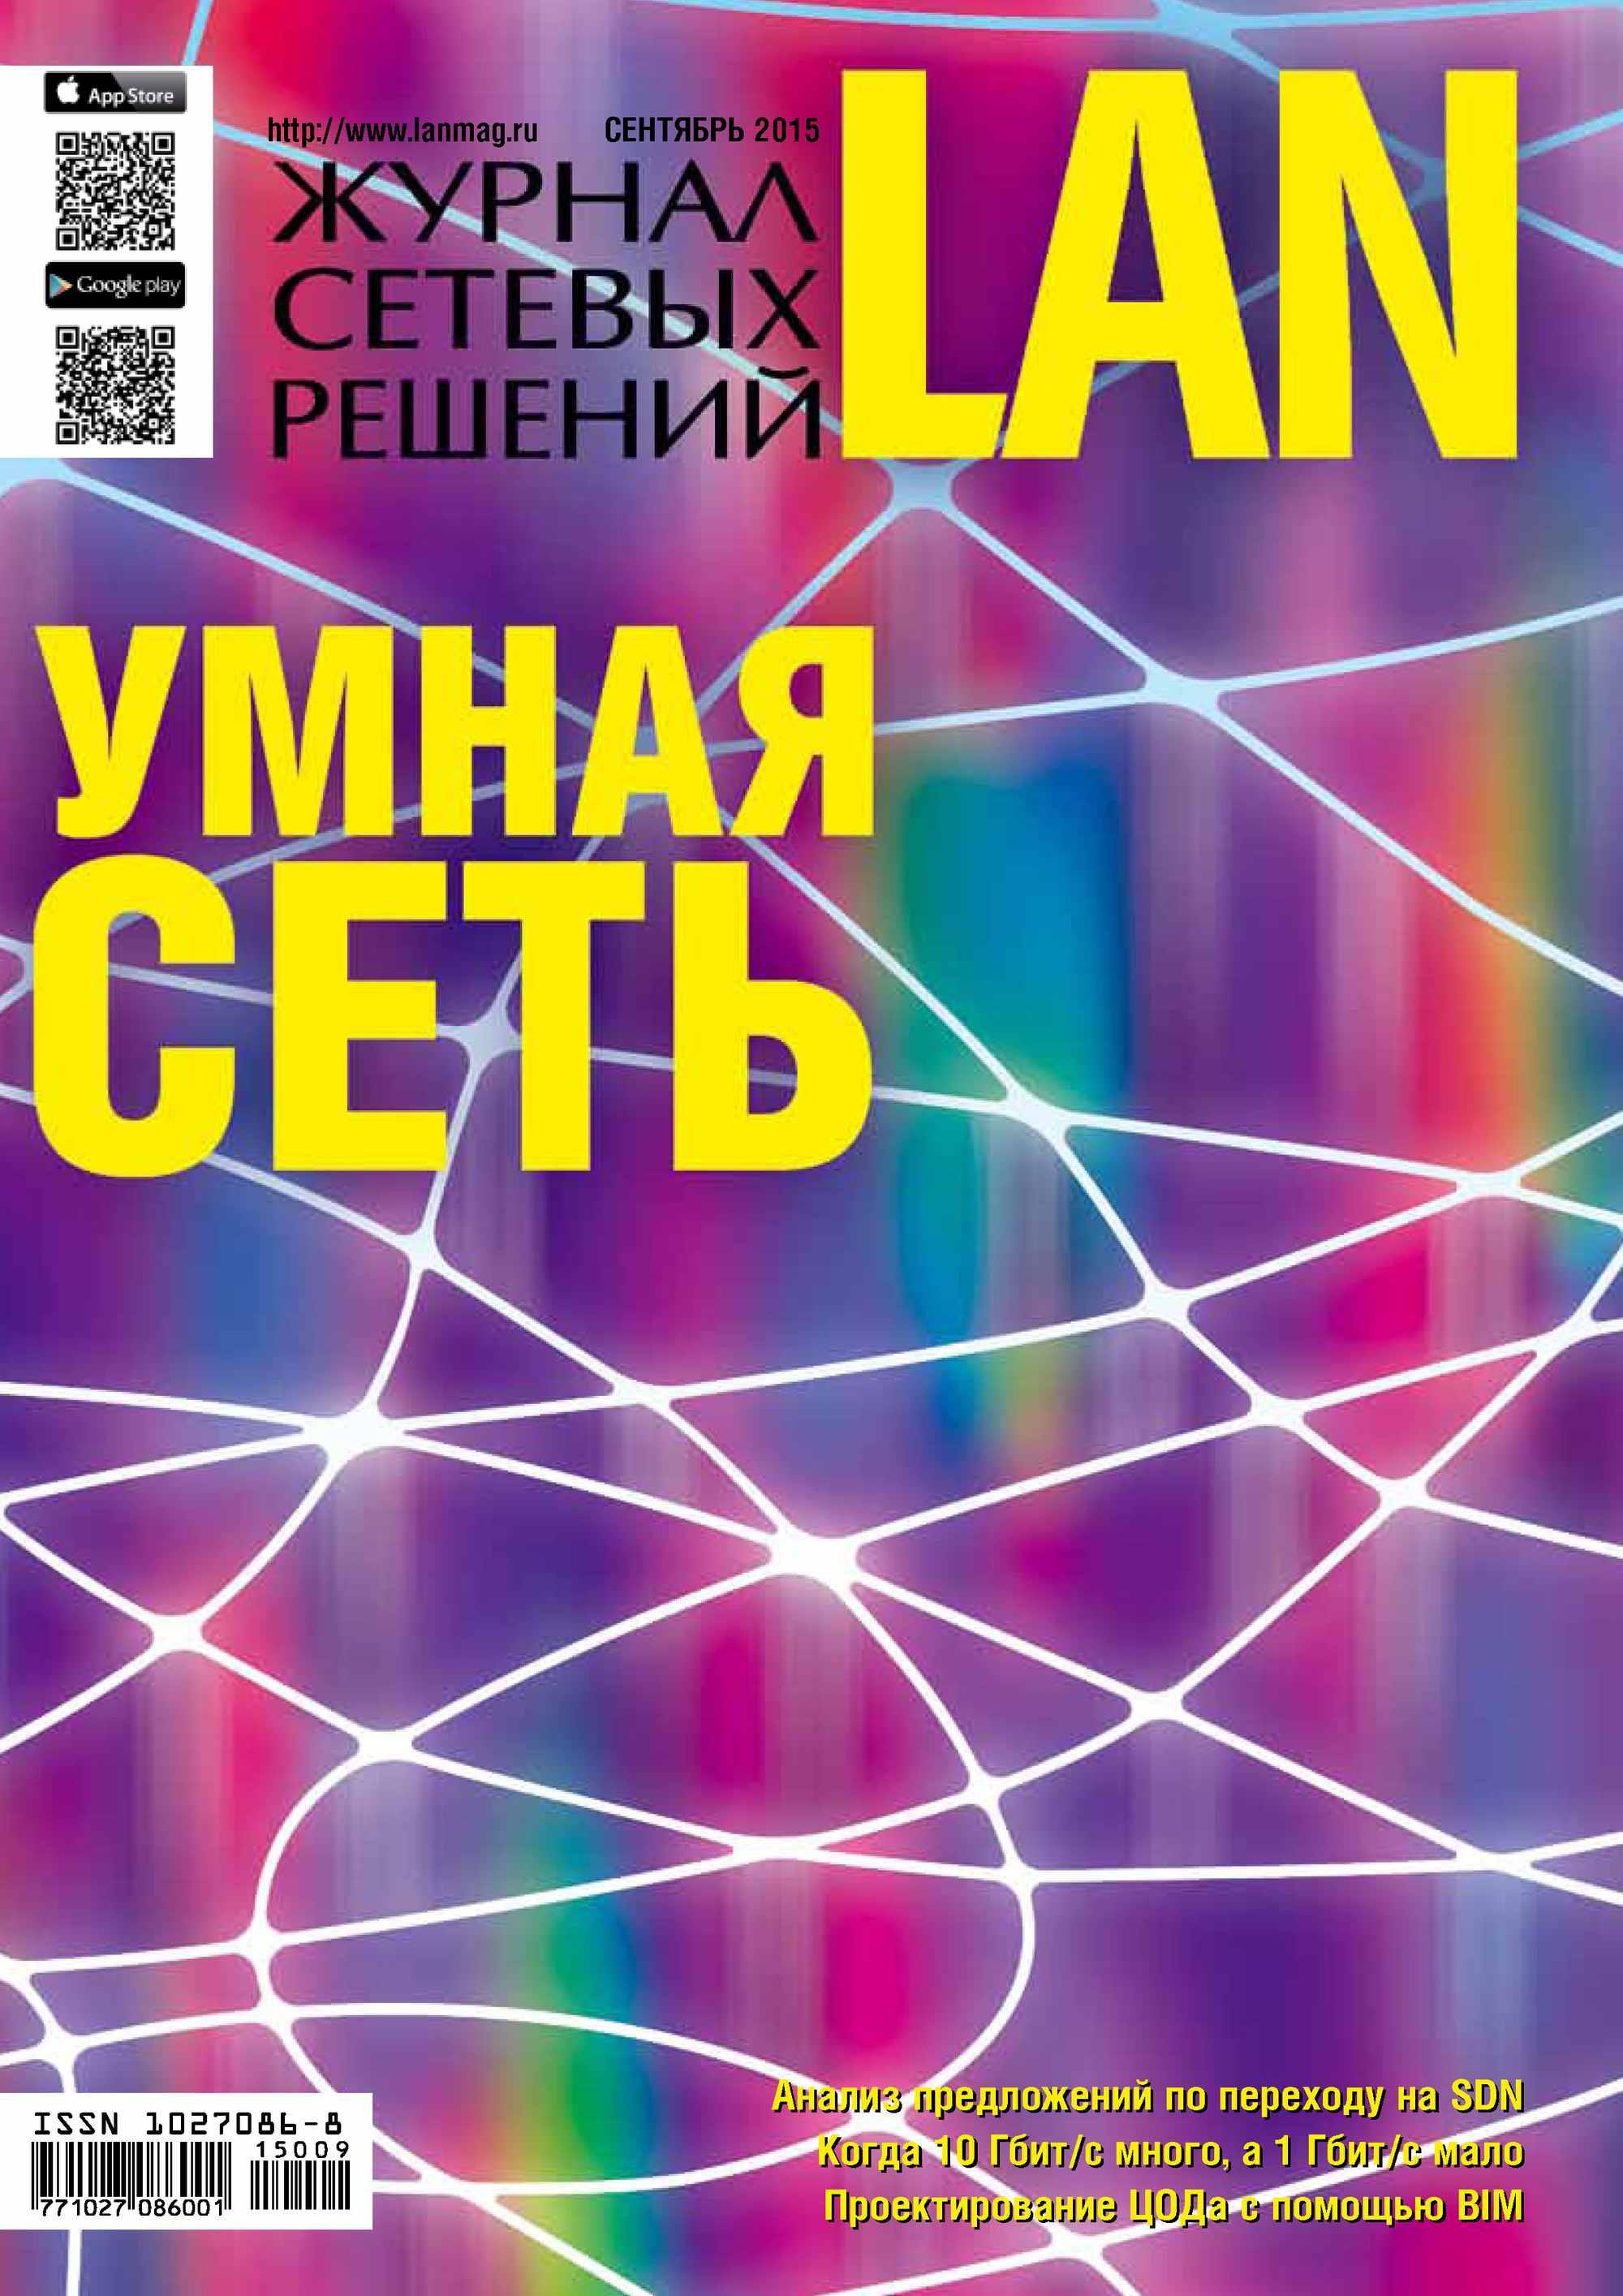 Открытые системы Журнал сетевых решений / LAN №09/2015 открытые системы журнал сетевых решений lan 10 2015